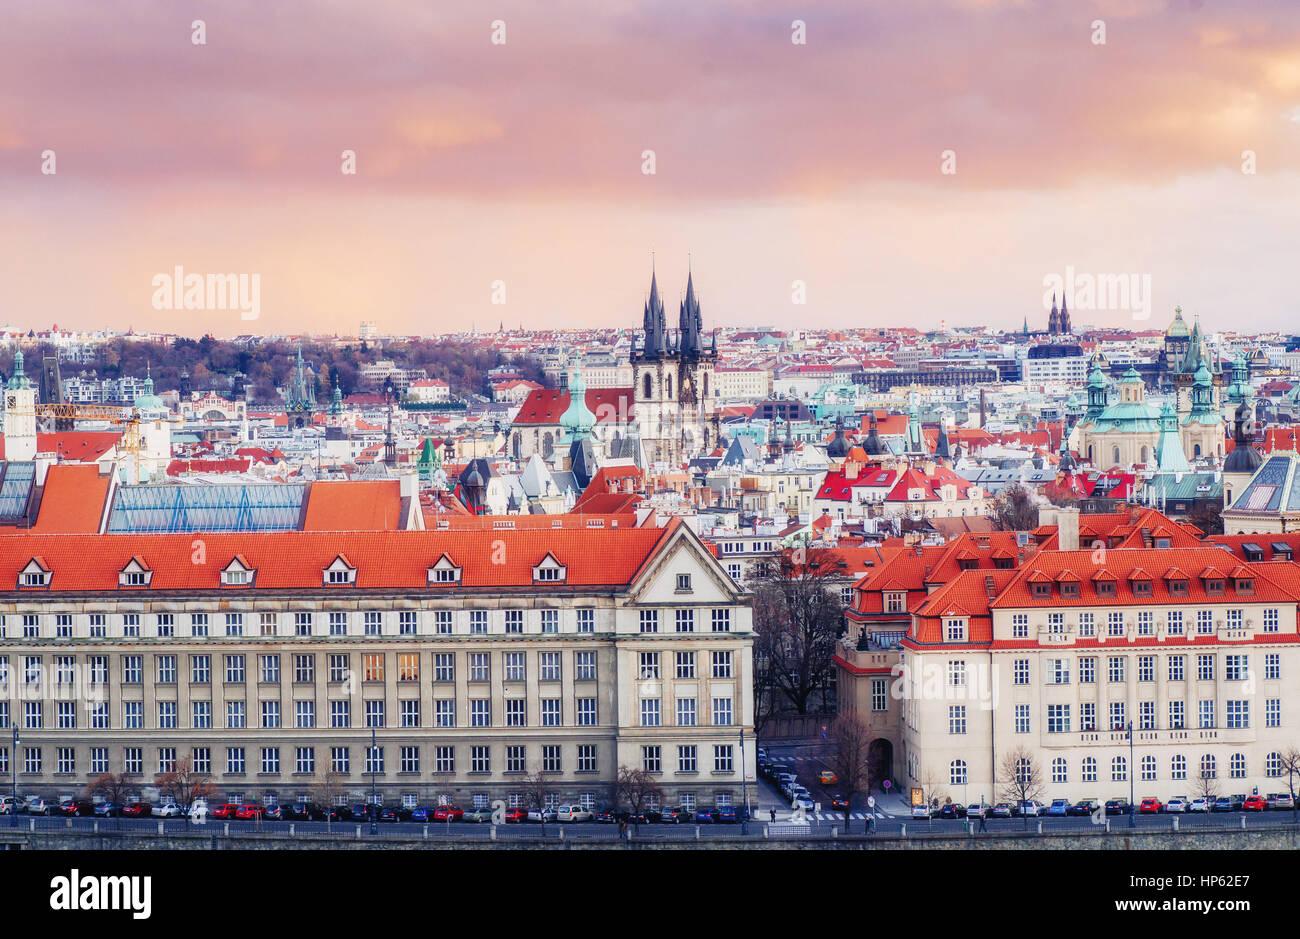 Toits rouges en République tchèque. La vue pittoresque Photo Stock